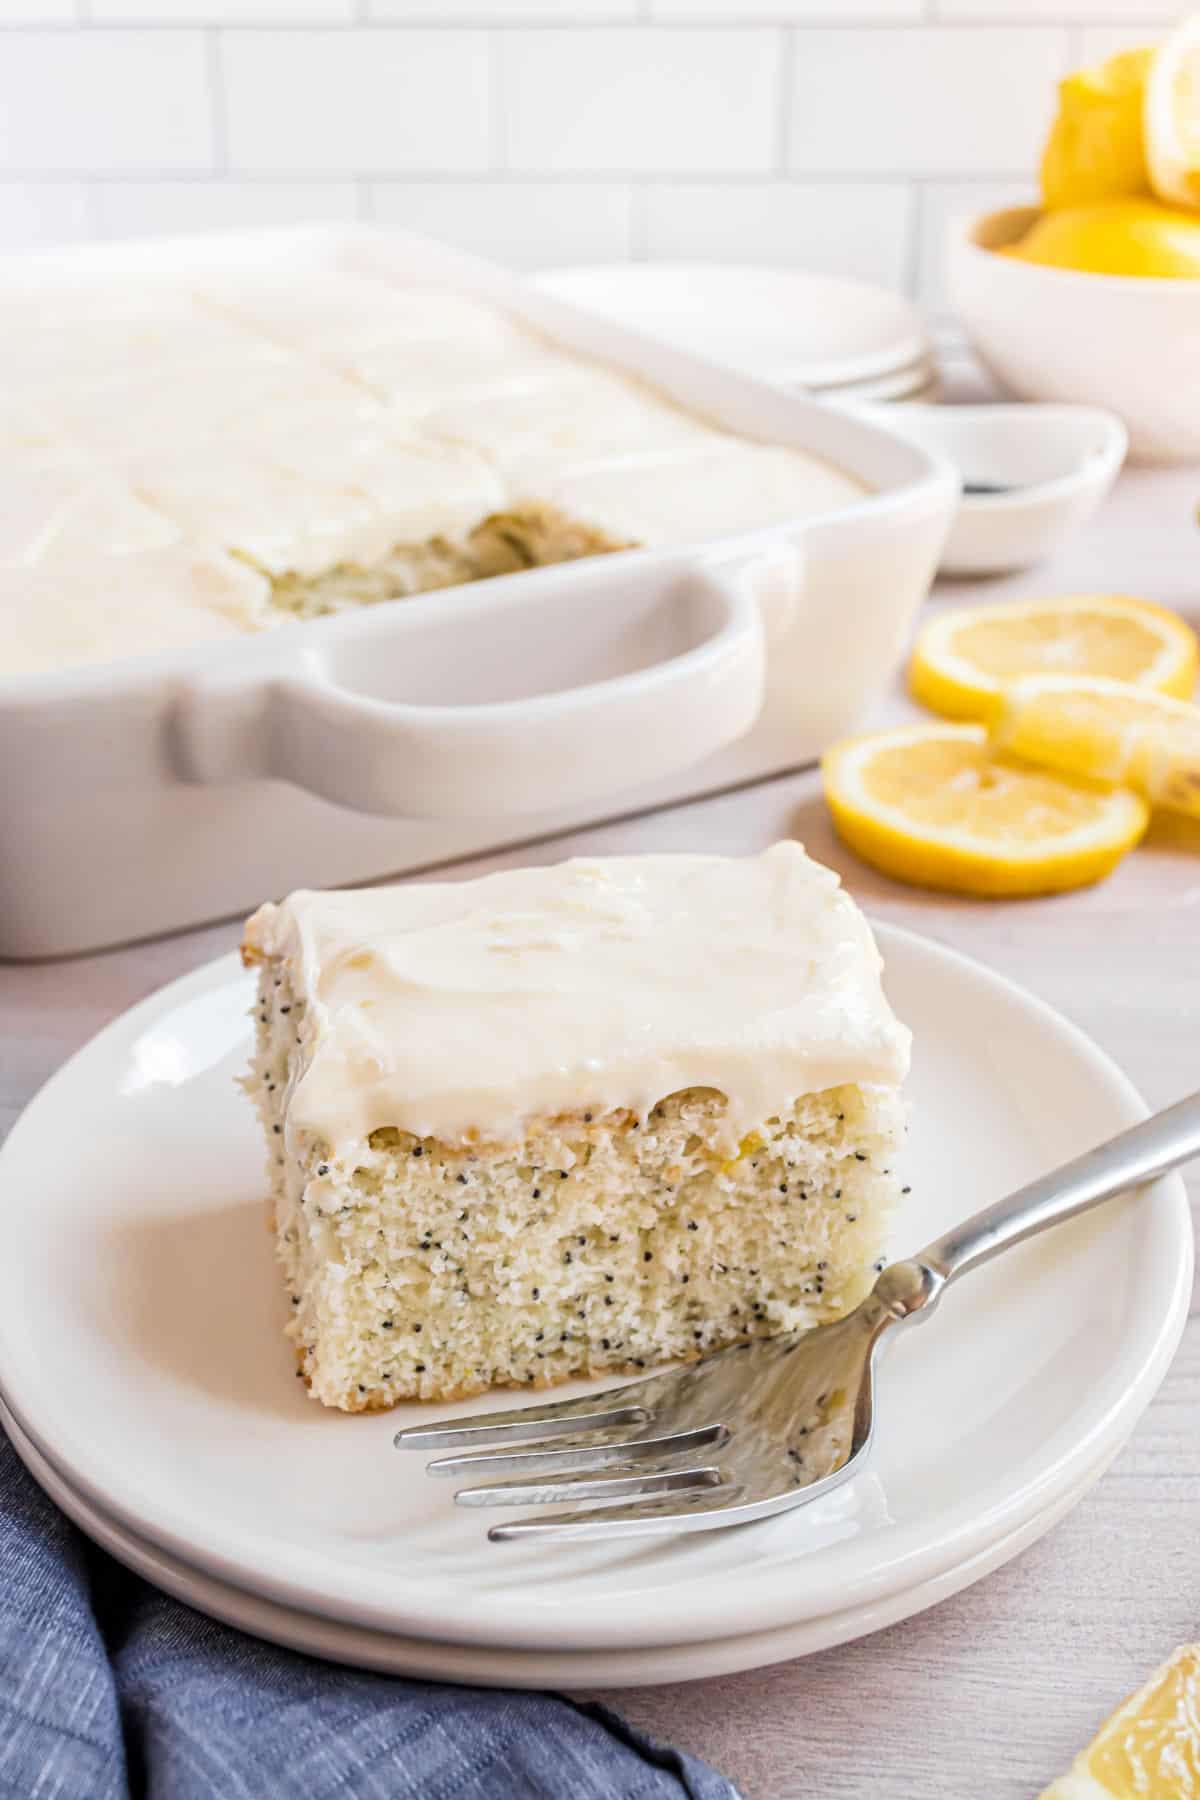 Slice of lemon poppy seed cake on a white plate.